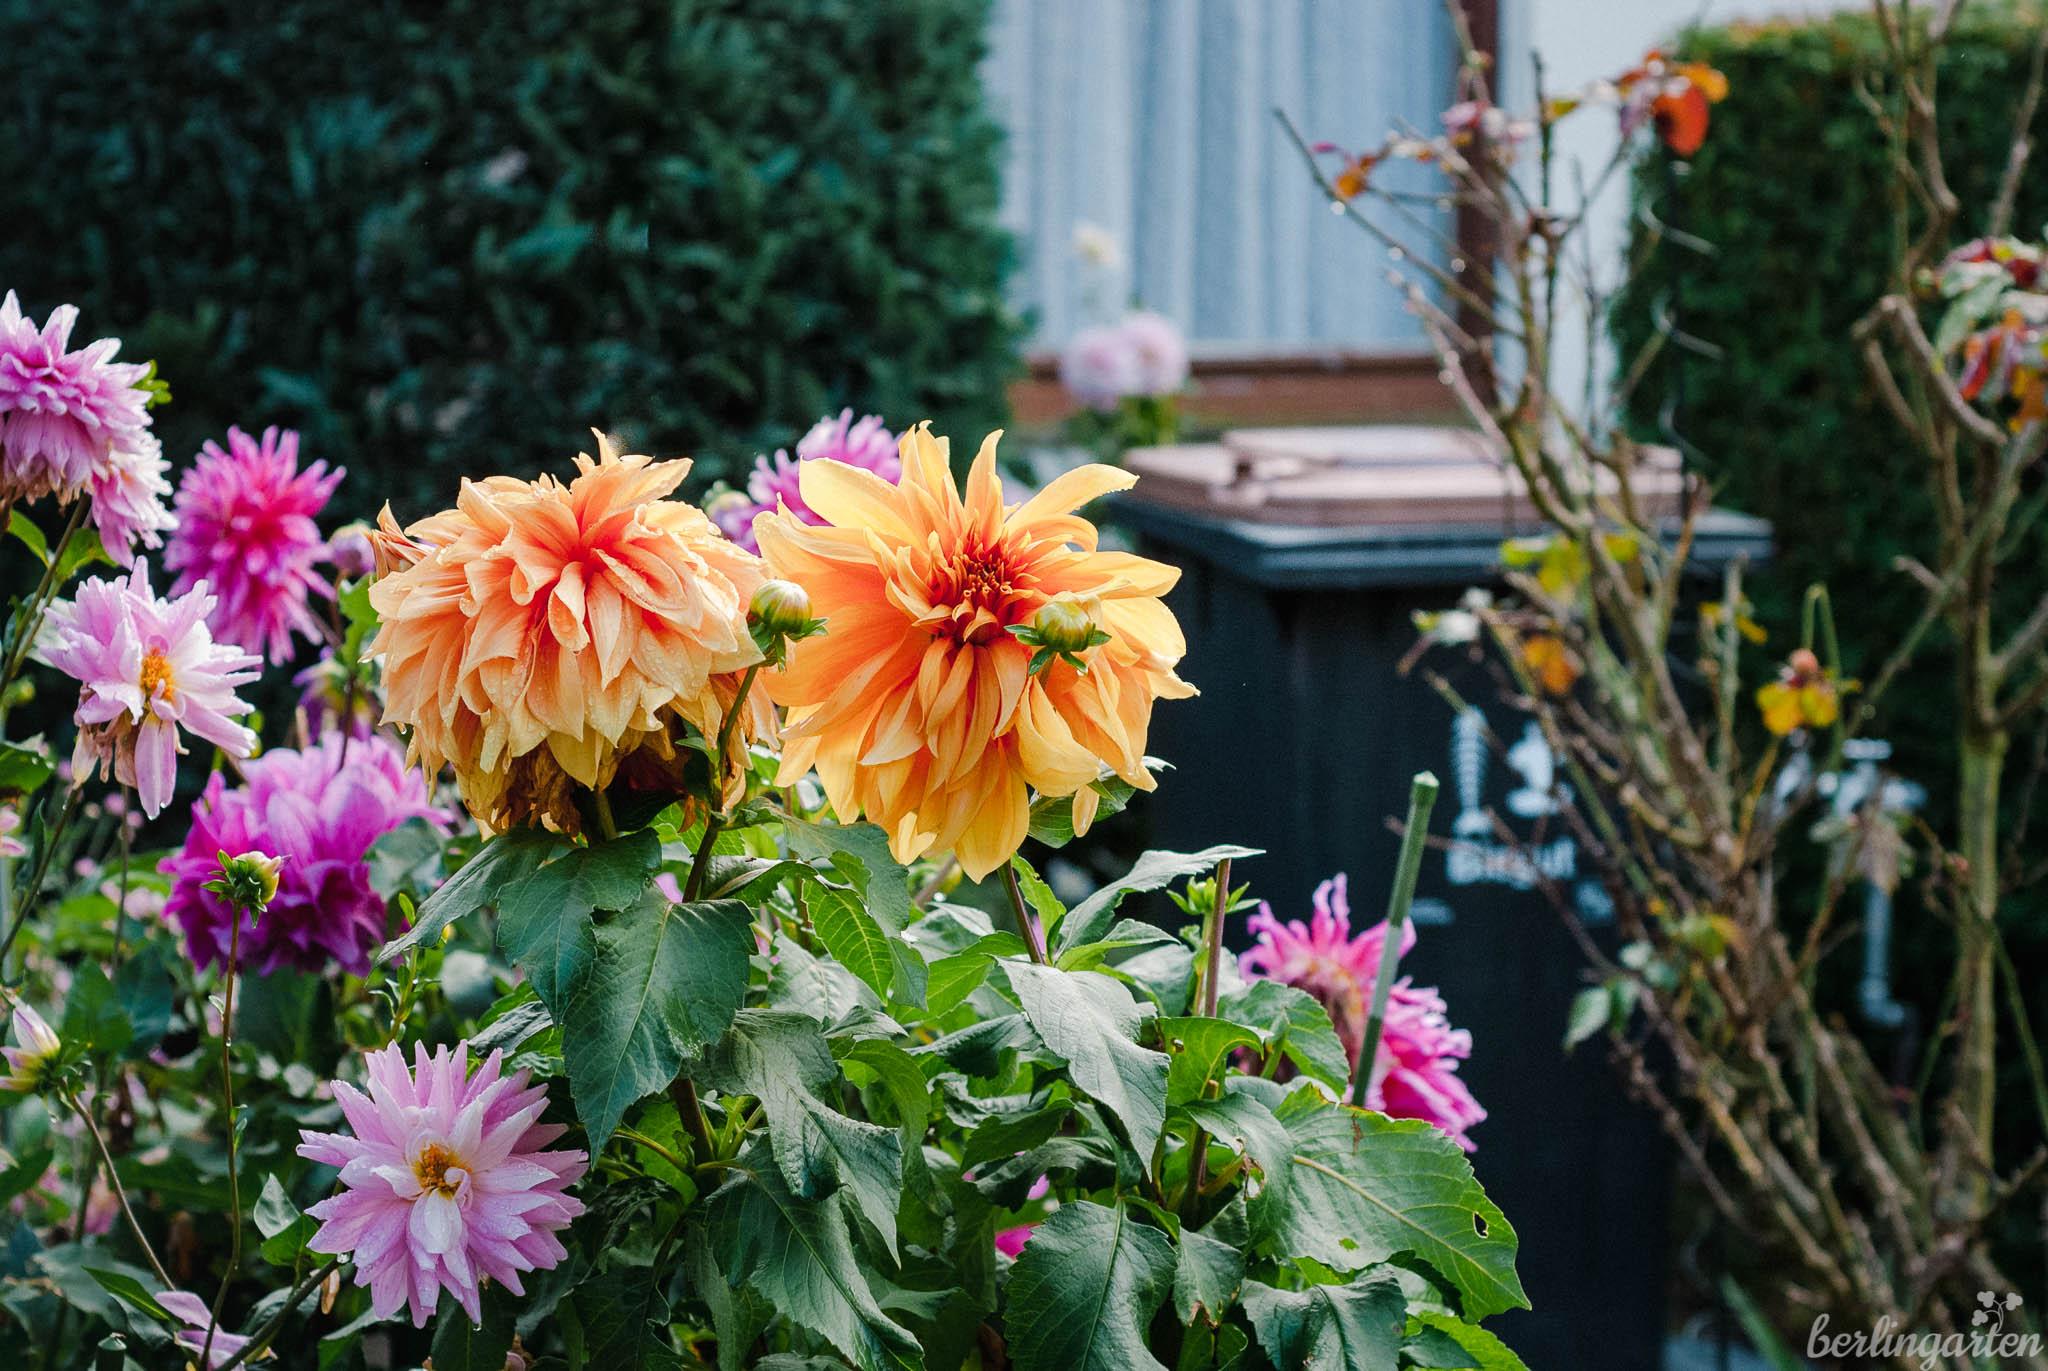 Biotonne im Garten